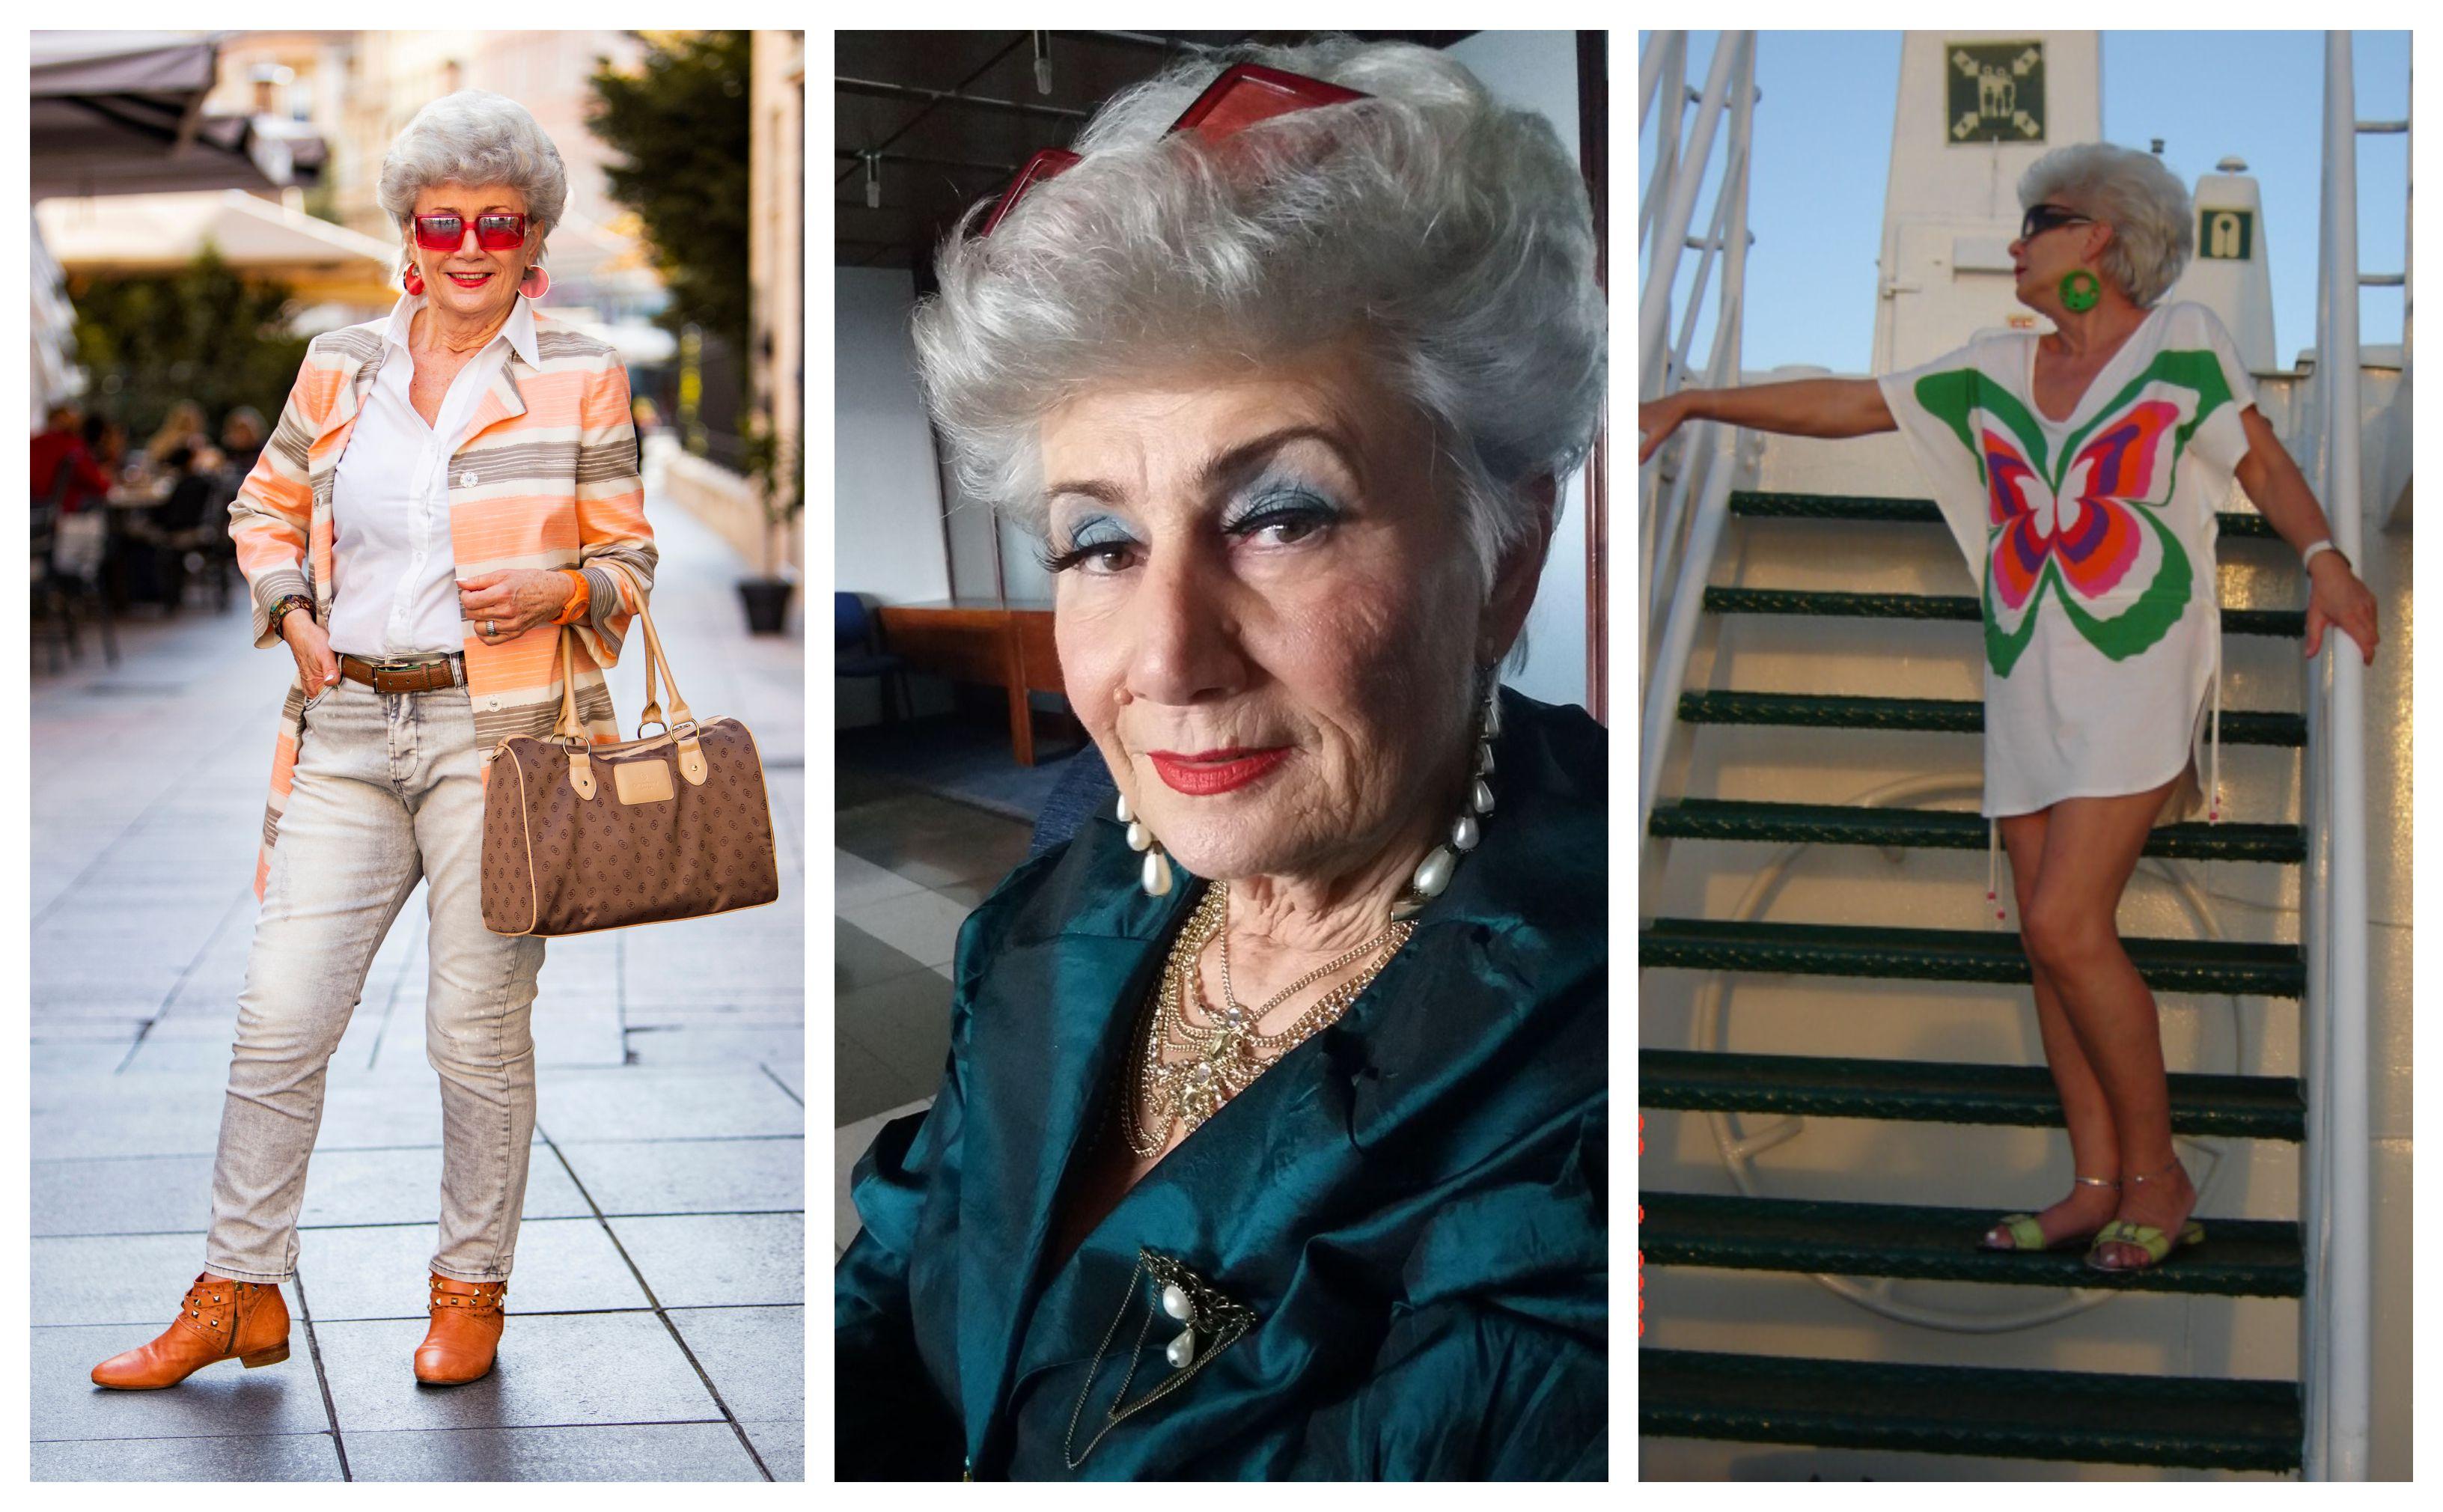 Đurđa je manekenka, snima serije, reklame i filmove: 'Želim da ljudi o meni kažu - bila je jednom jedna...'